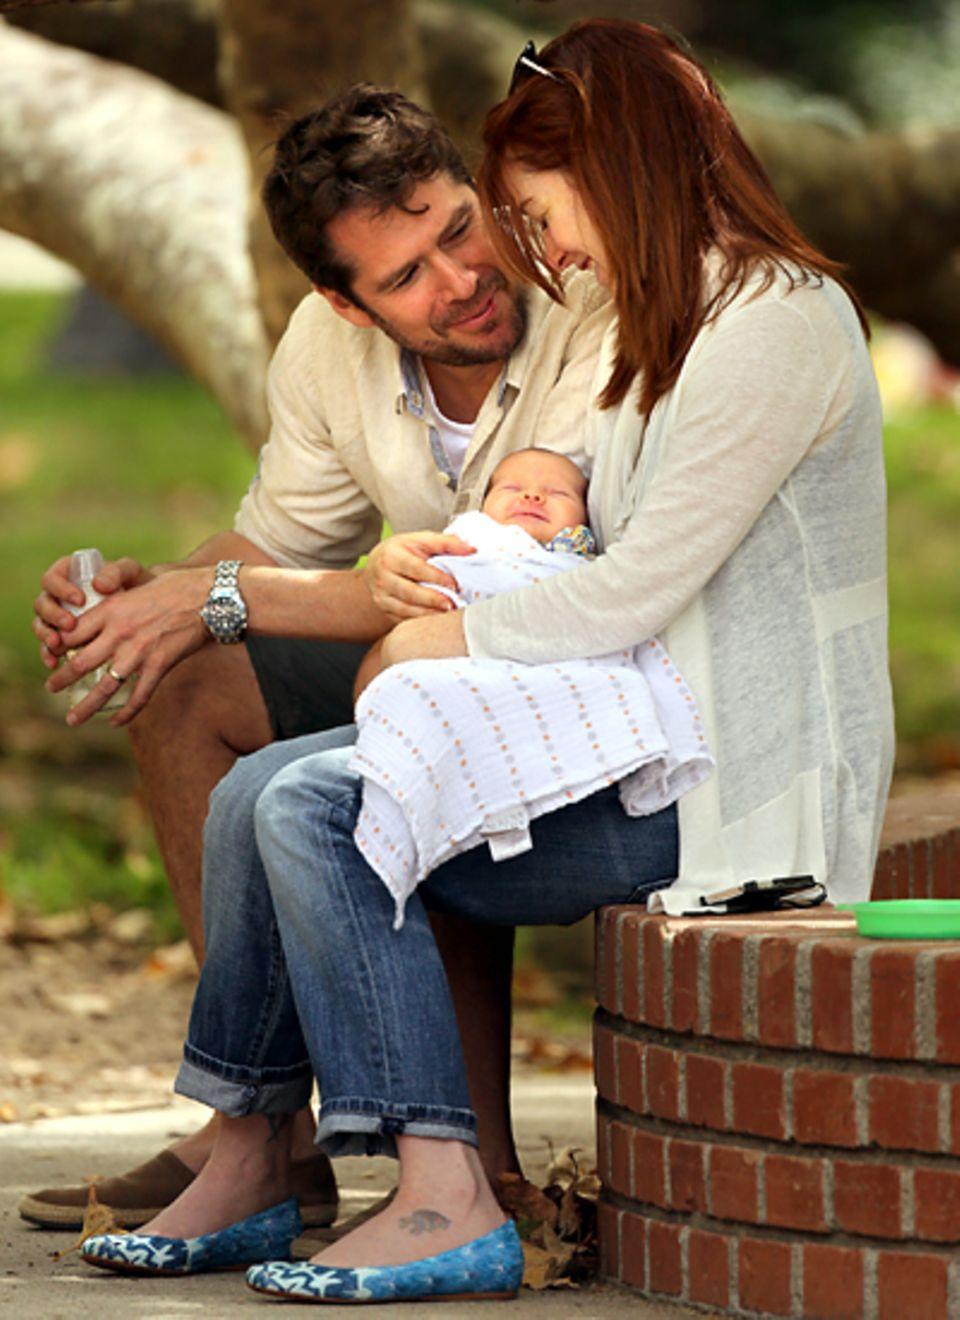 Juli 2012: Bei einem Picknick in Los Angeles zeigen sich Alyson Hannigan und Alexis Denisof freudestrahlend mit ihrem Nachwuchs.